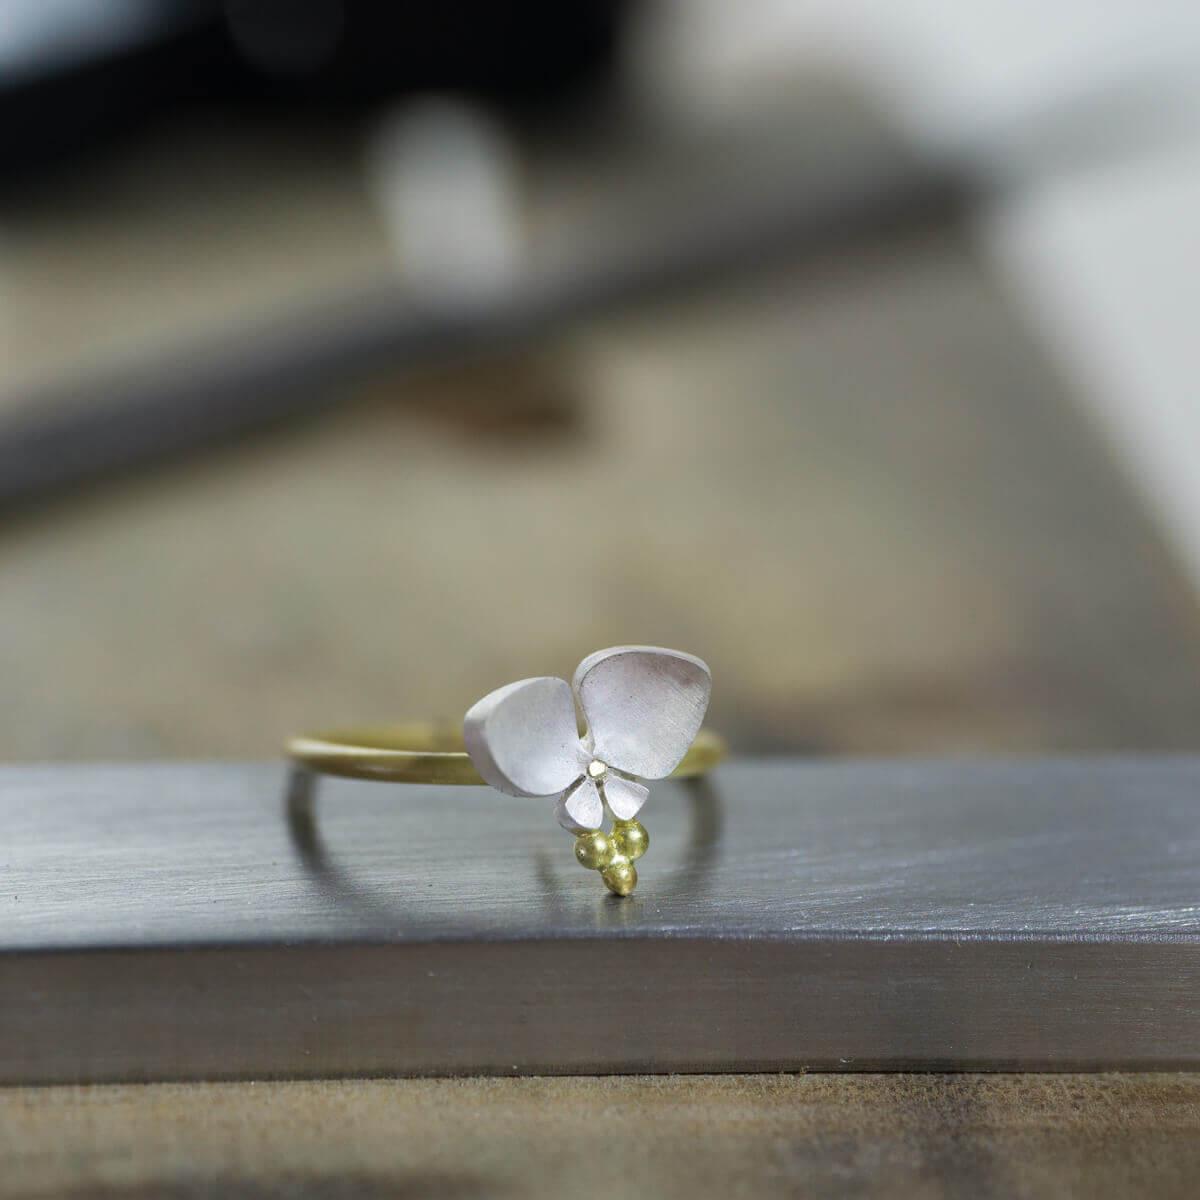 オーダーメイドジュエリーの制作過程 ジュエリーのアトリエに指輪 屋久島のツユクサモチーフ ゴールド、シルバー 屋久島でオーダーメイドジュエリー